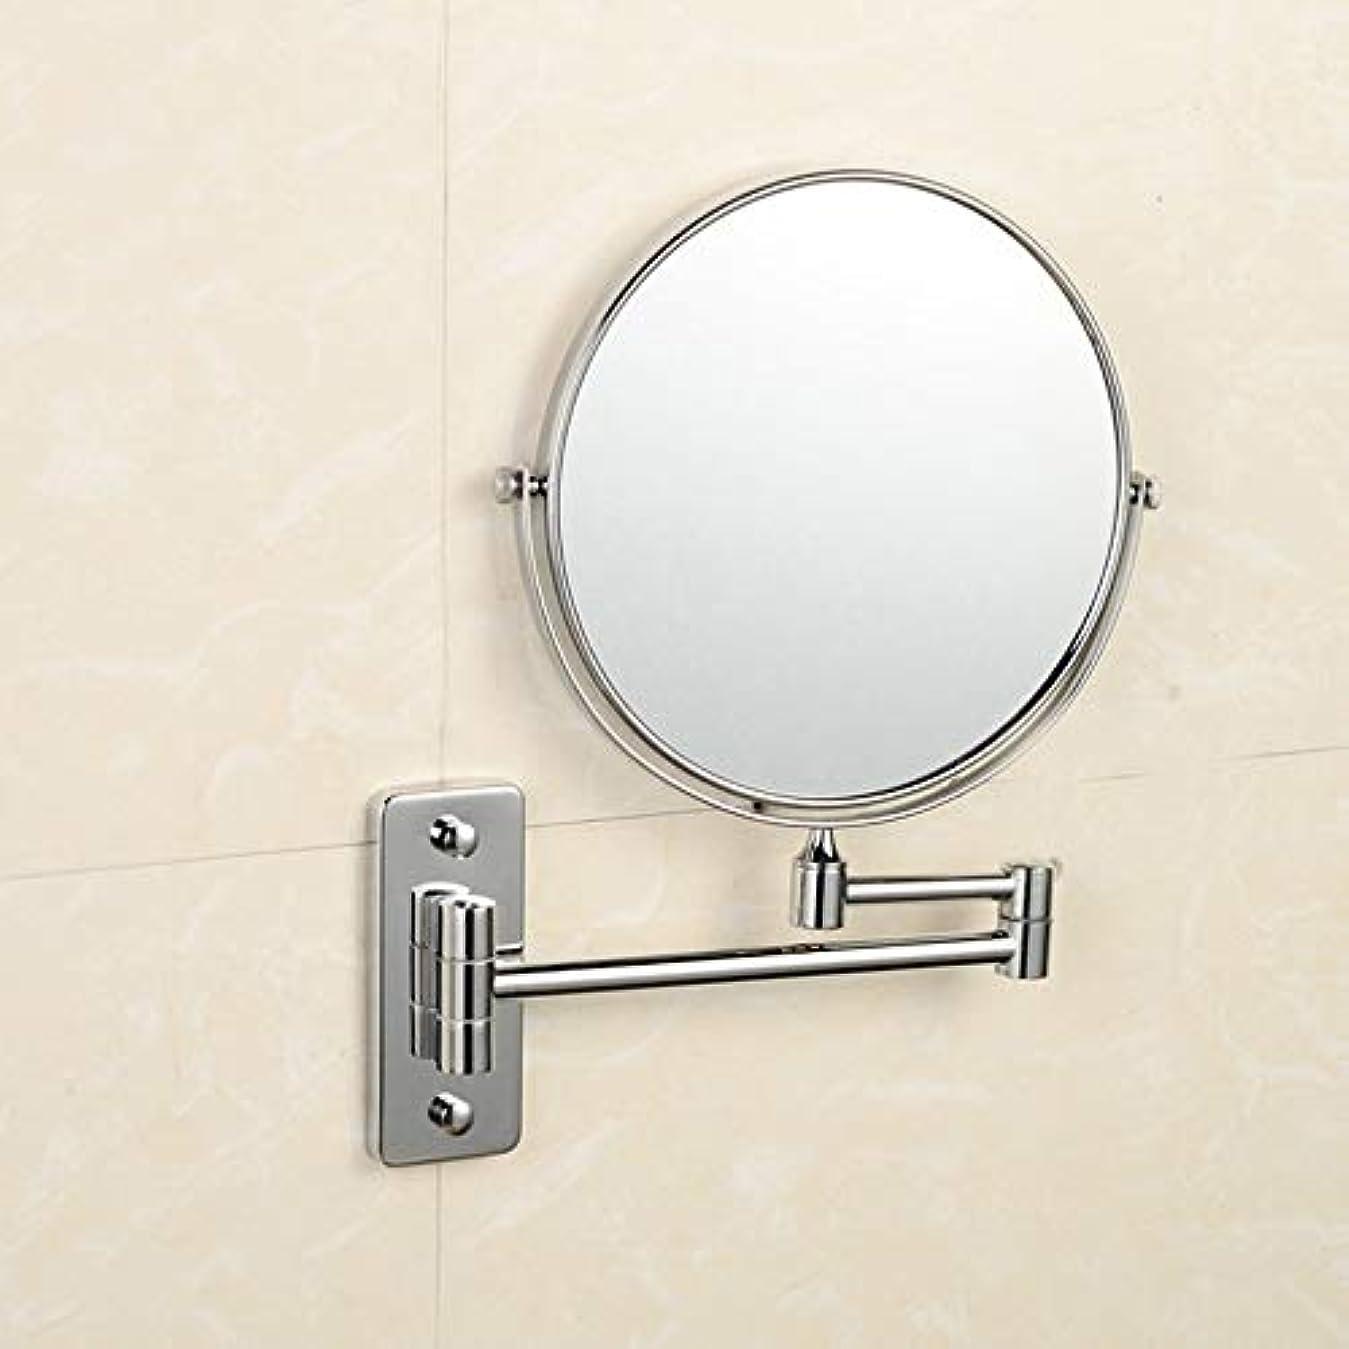 フック象歩き回る流行の 銅浴室鏡折りたたみ伸縮性格人格美人表裏面360度回転壁掛け虫眼鏡ミラーシルバーホームビューティーミラー浴室